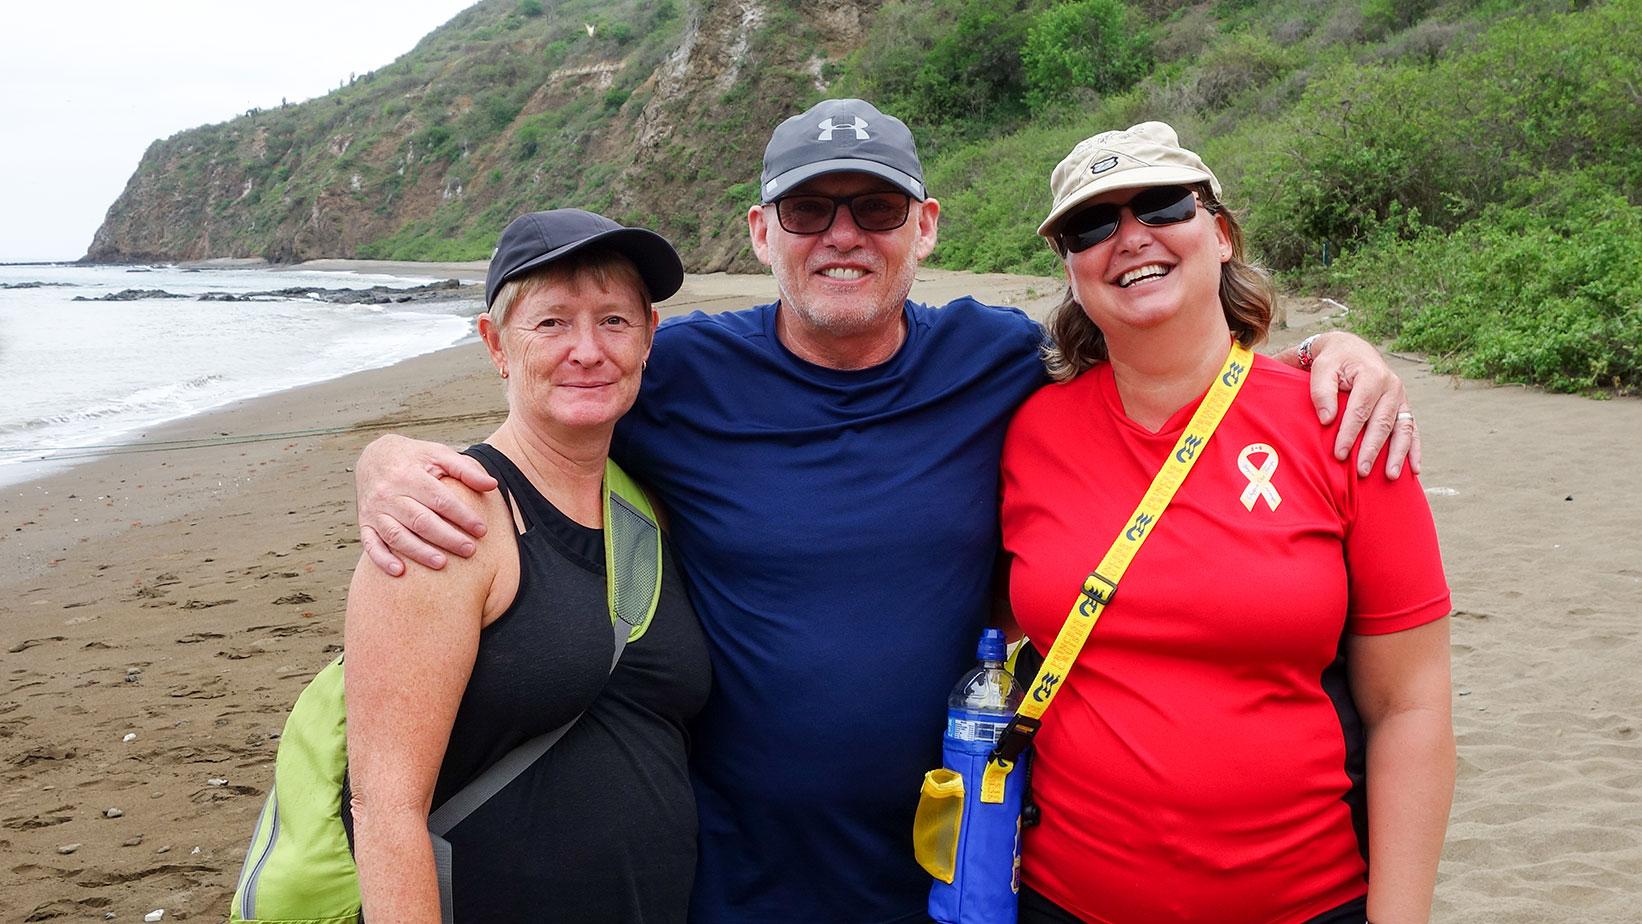 Jodi, Neil, and Chantal